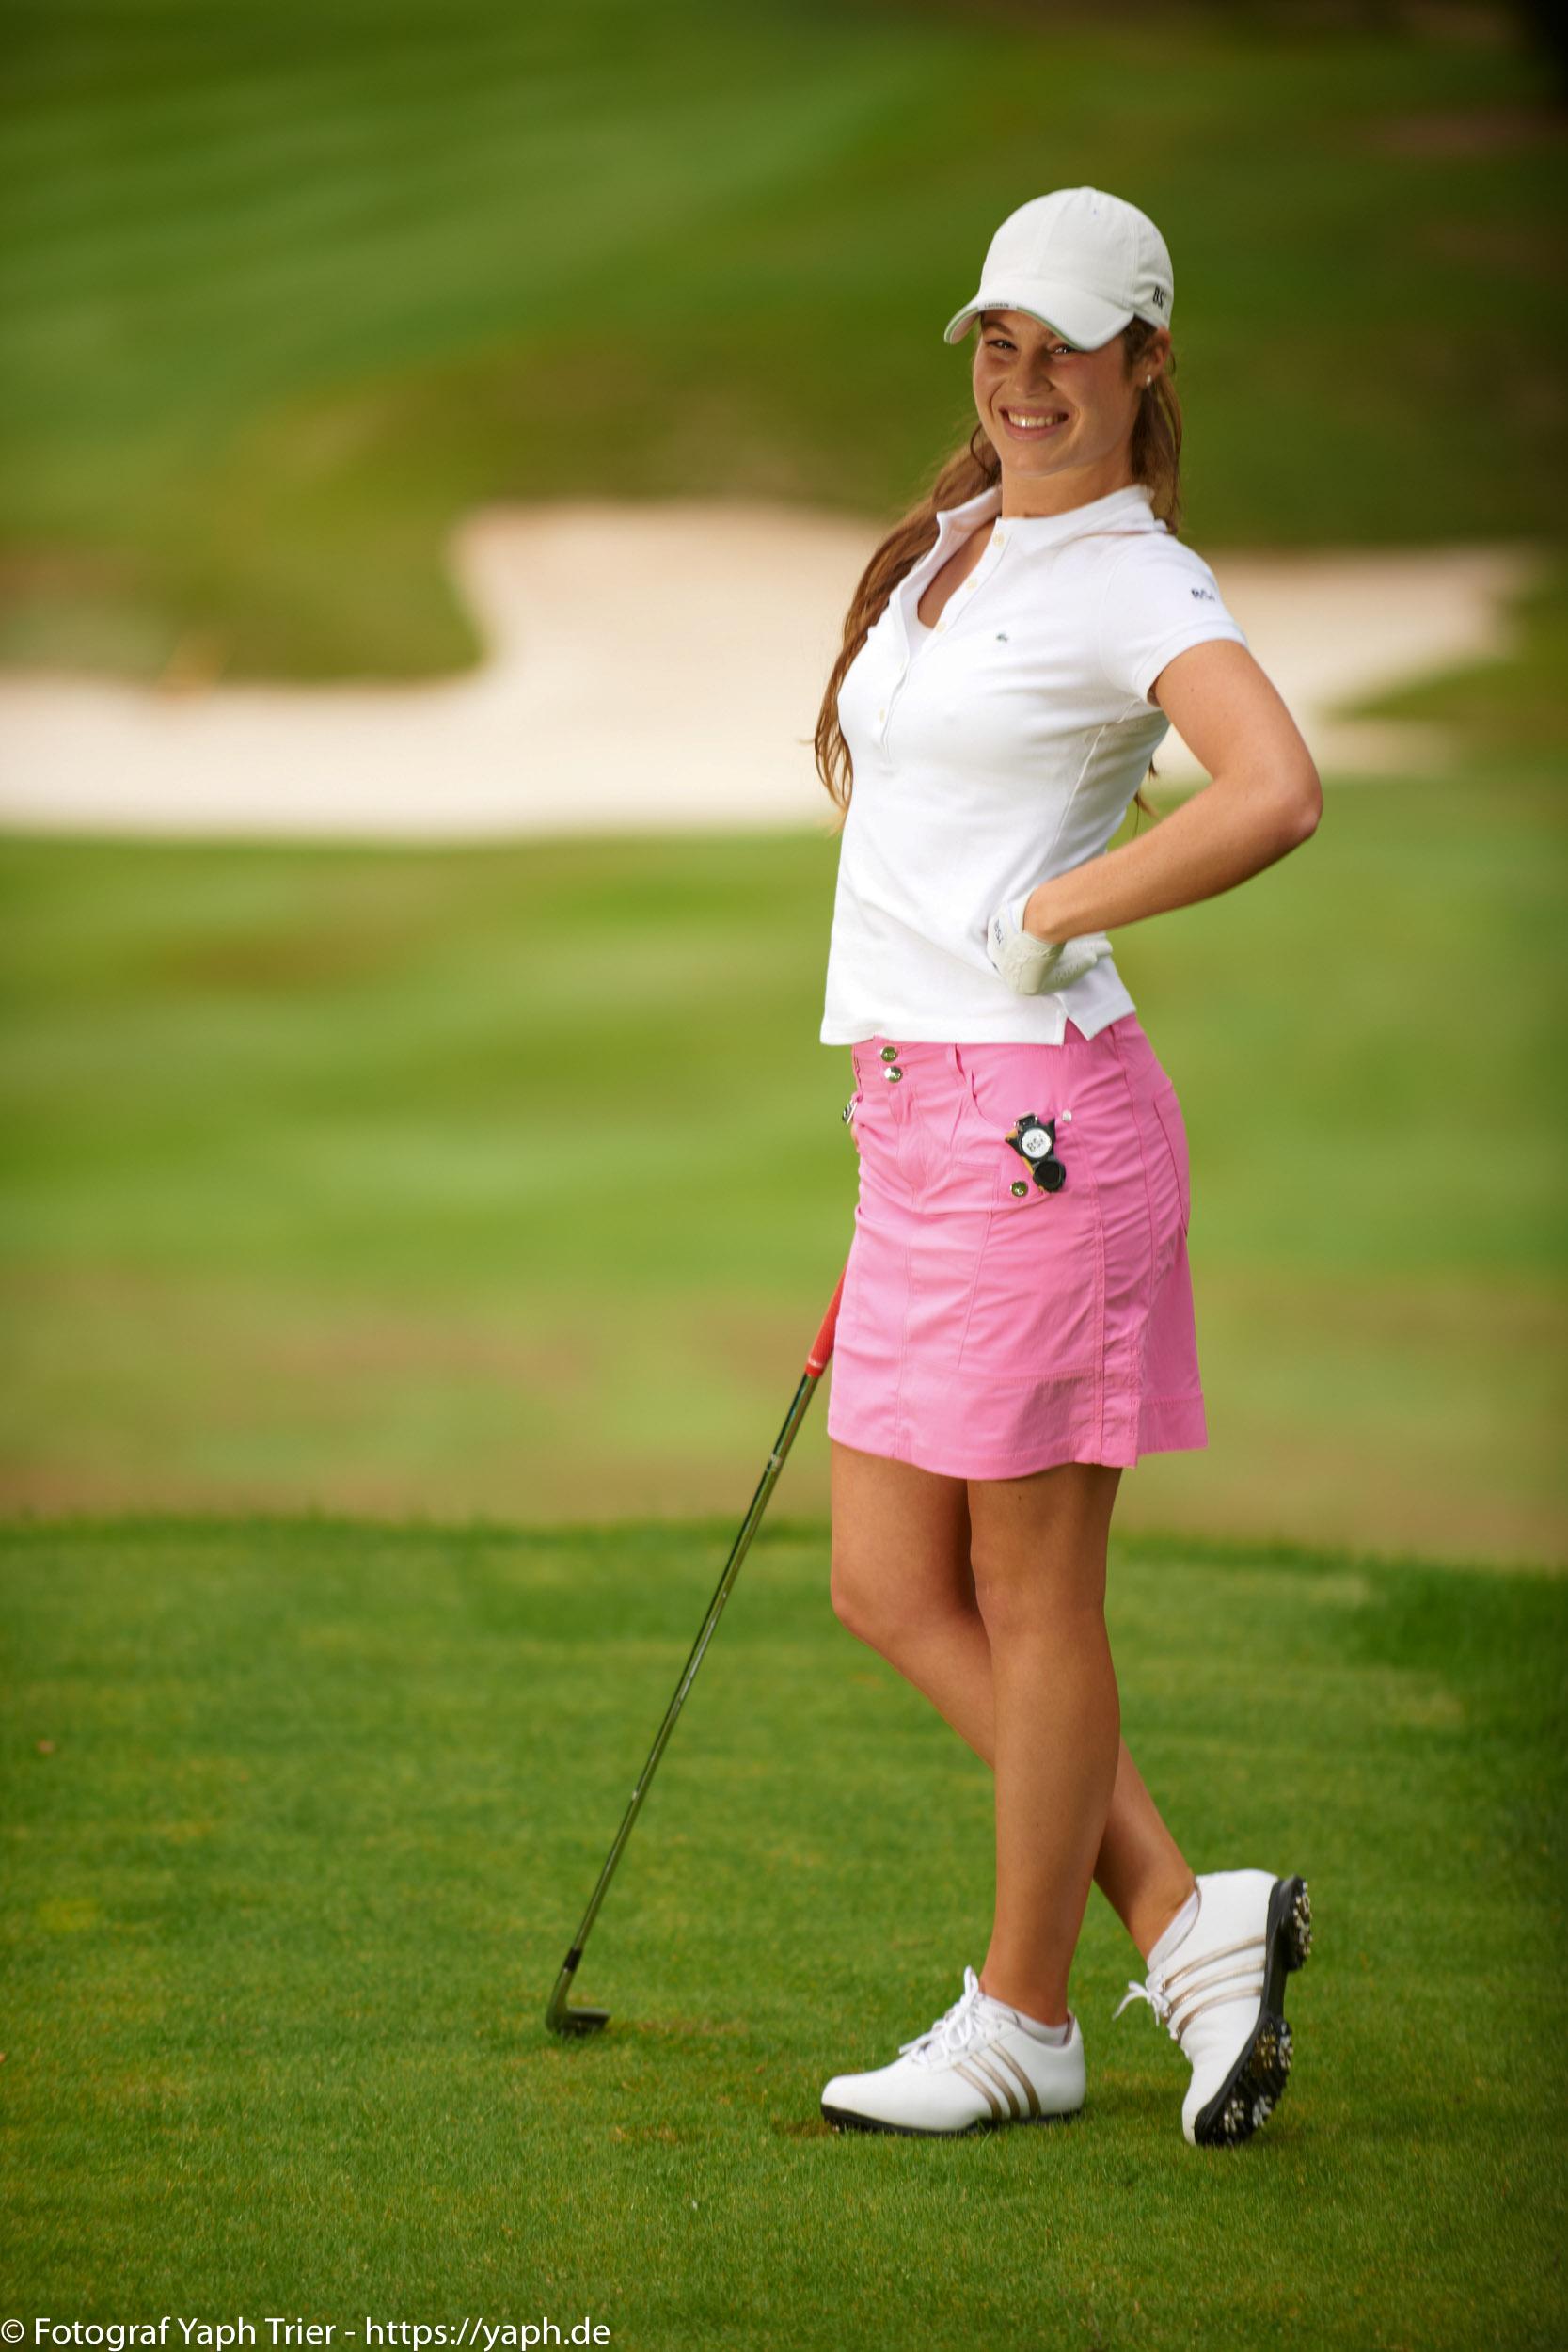 Liebelei Elena Lawrence - luxemburger Golfspielerin bei Fotograf Yaph - 18